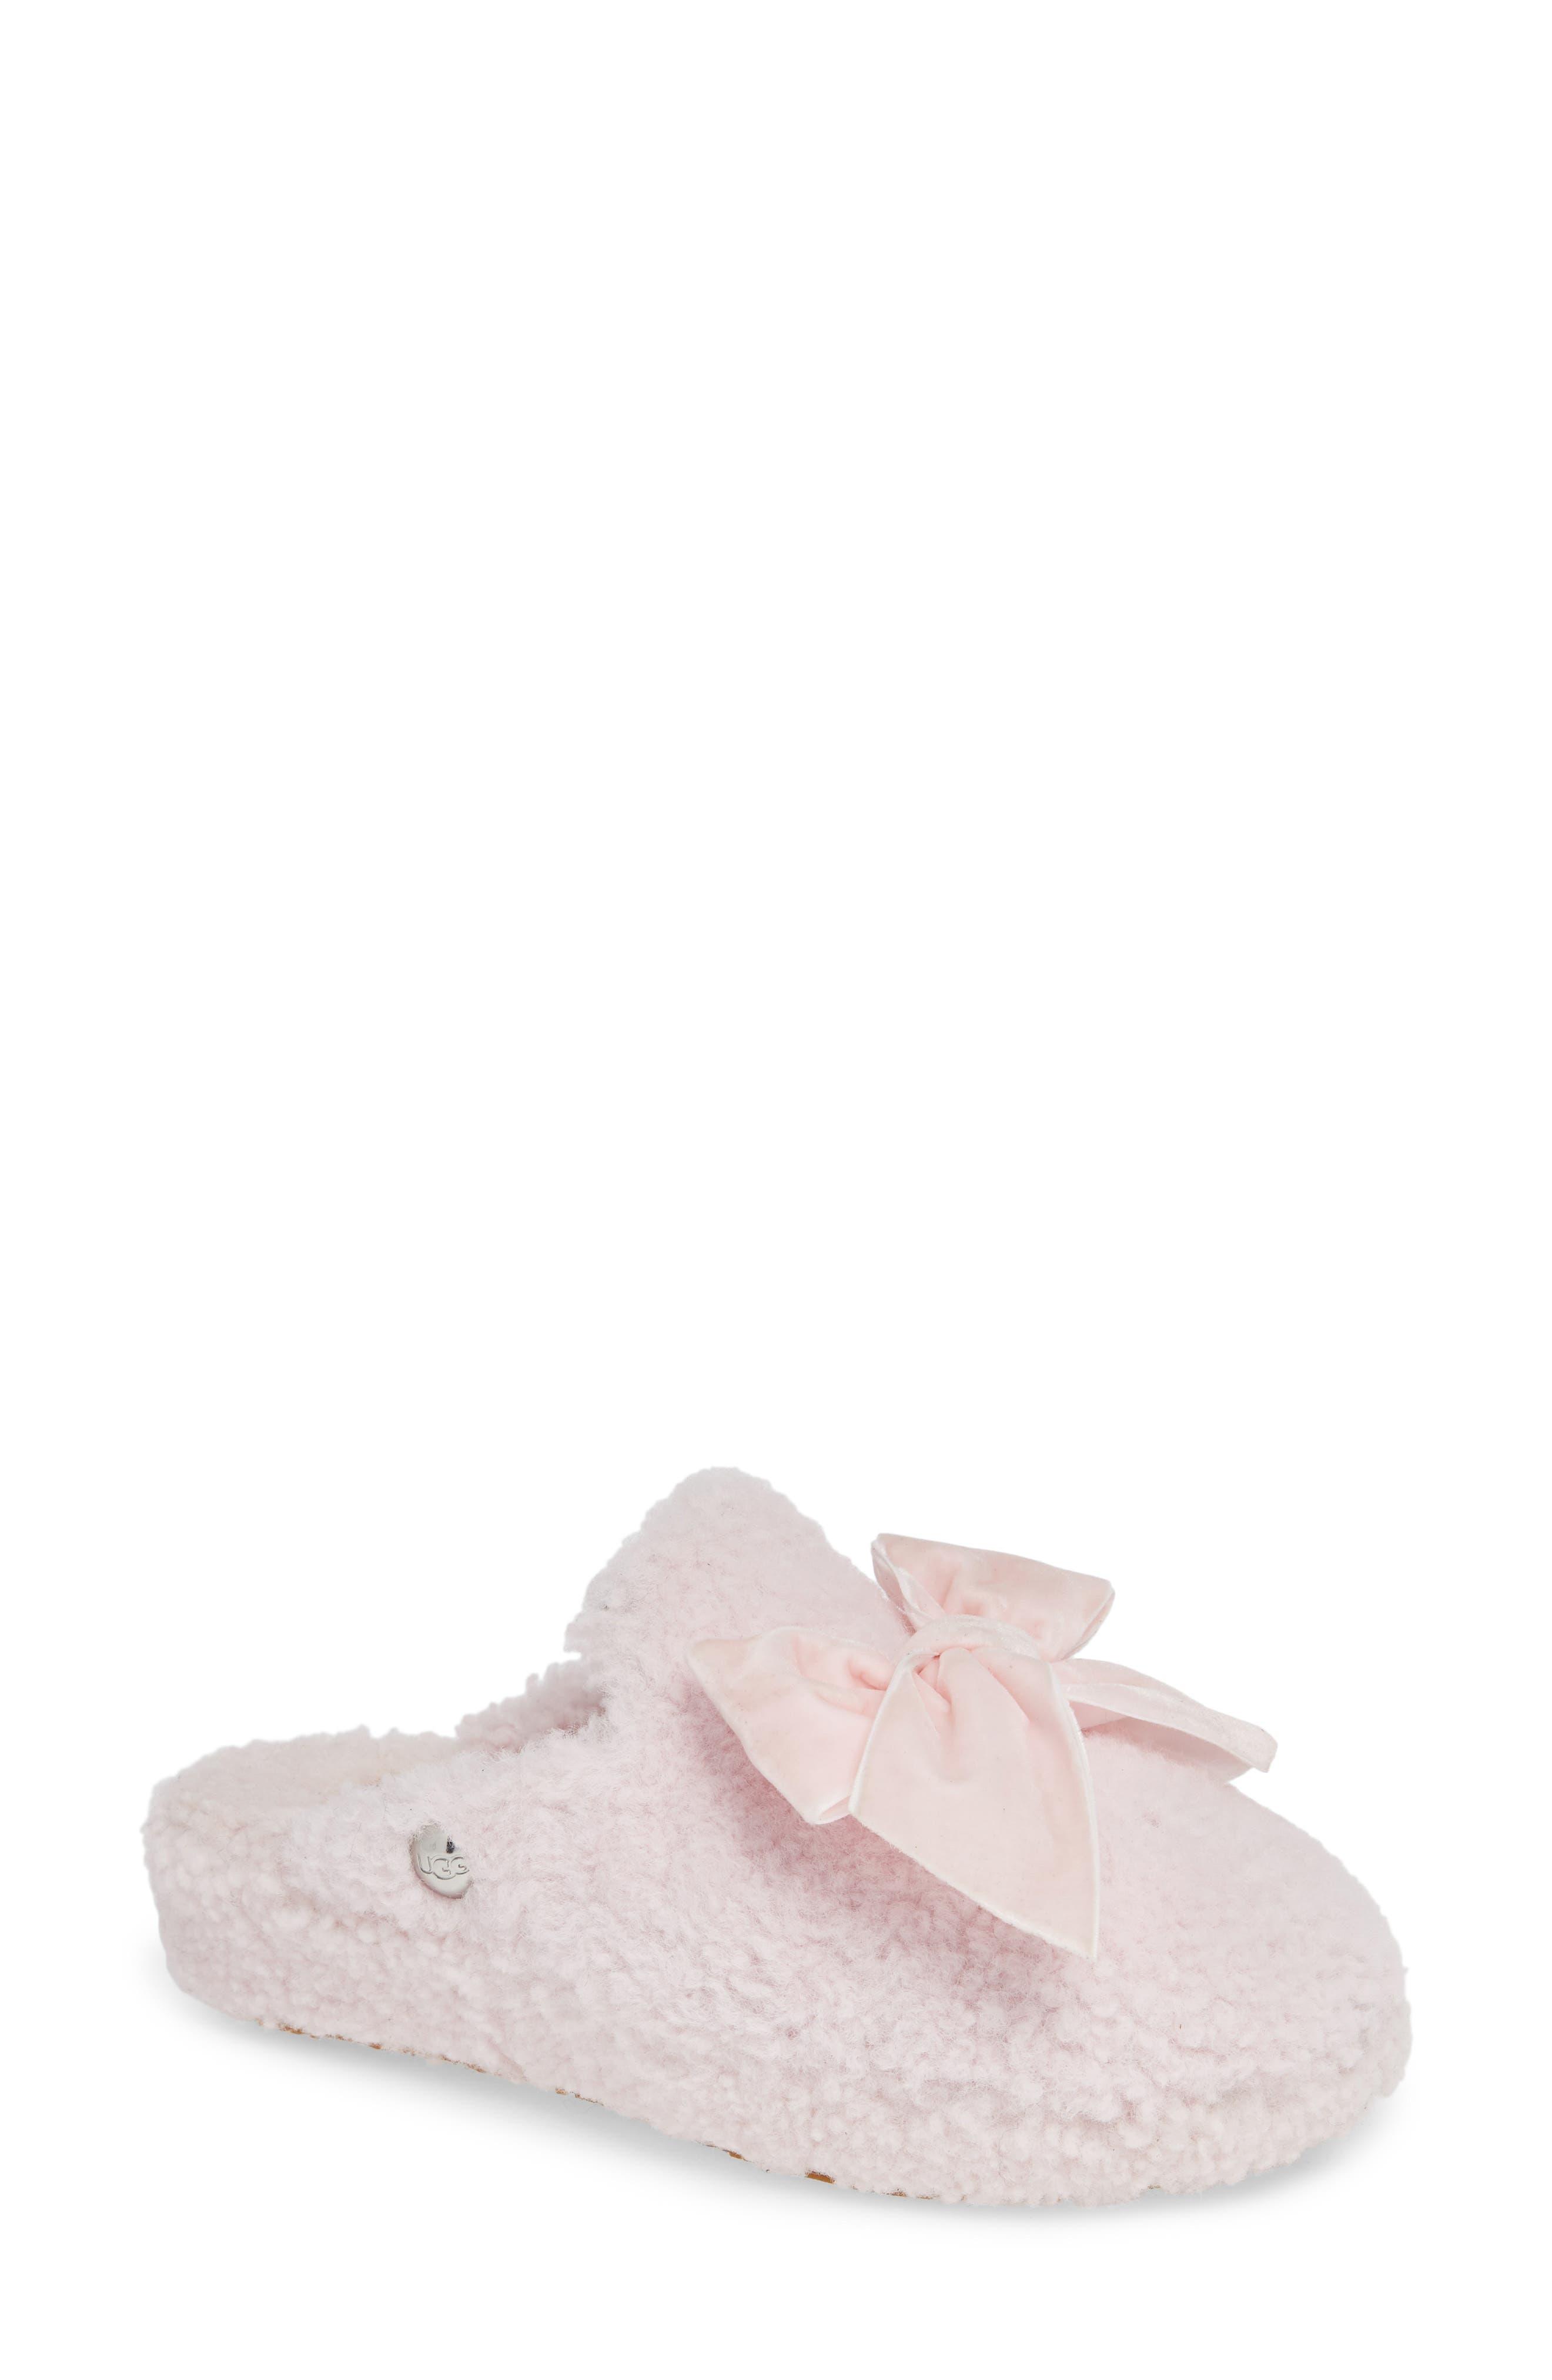 Ugg Addison Velvet Bow Genuine Shearling Slipper, Pink